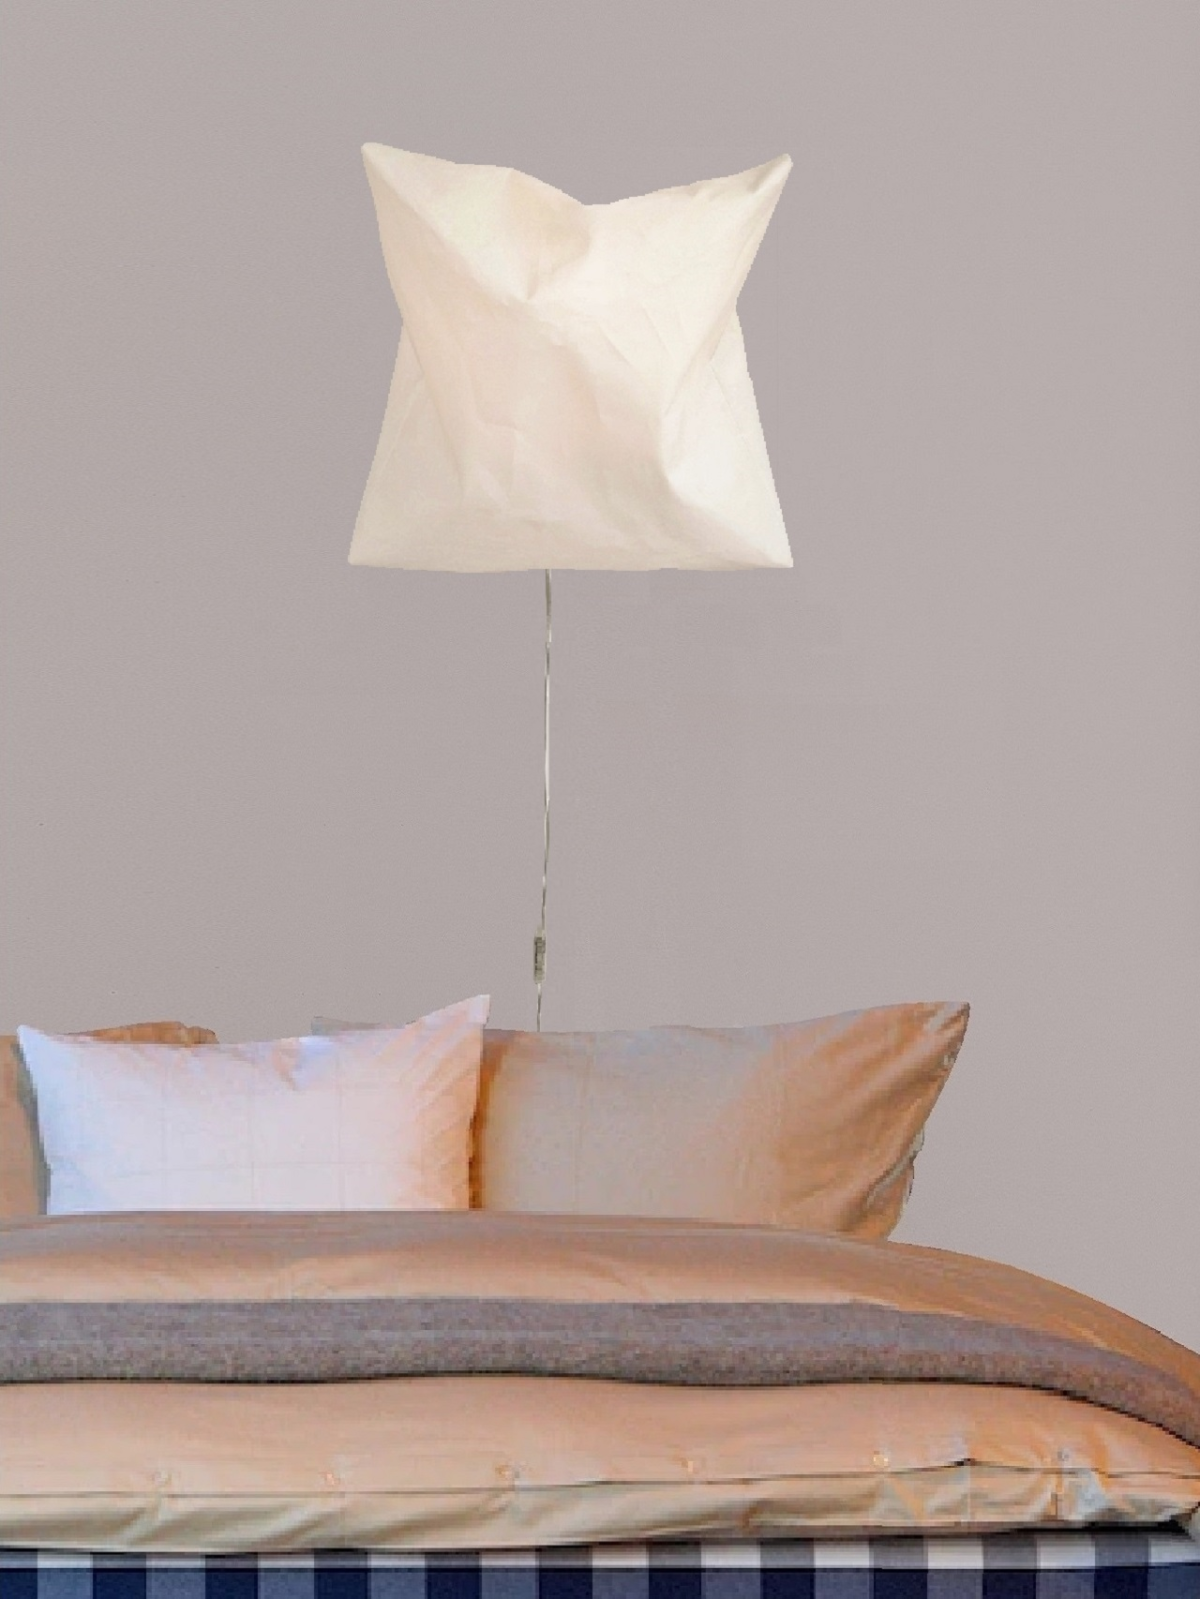 b4-væglampe-med-kontaktdimmer-interiør-png